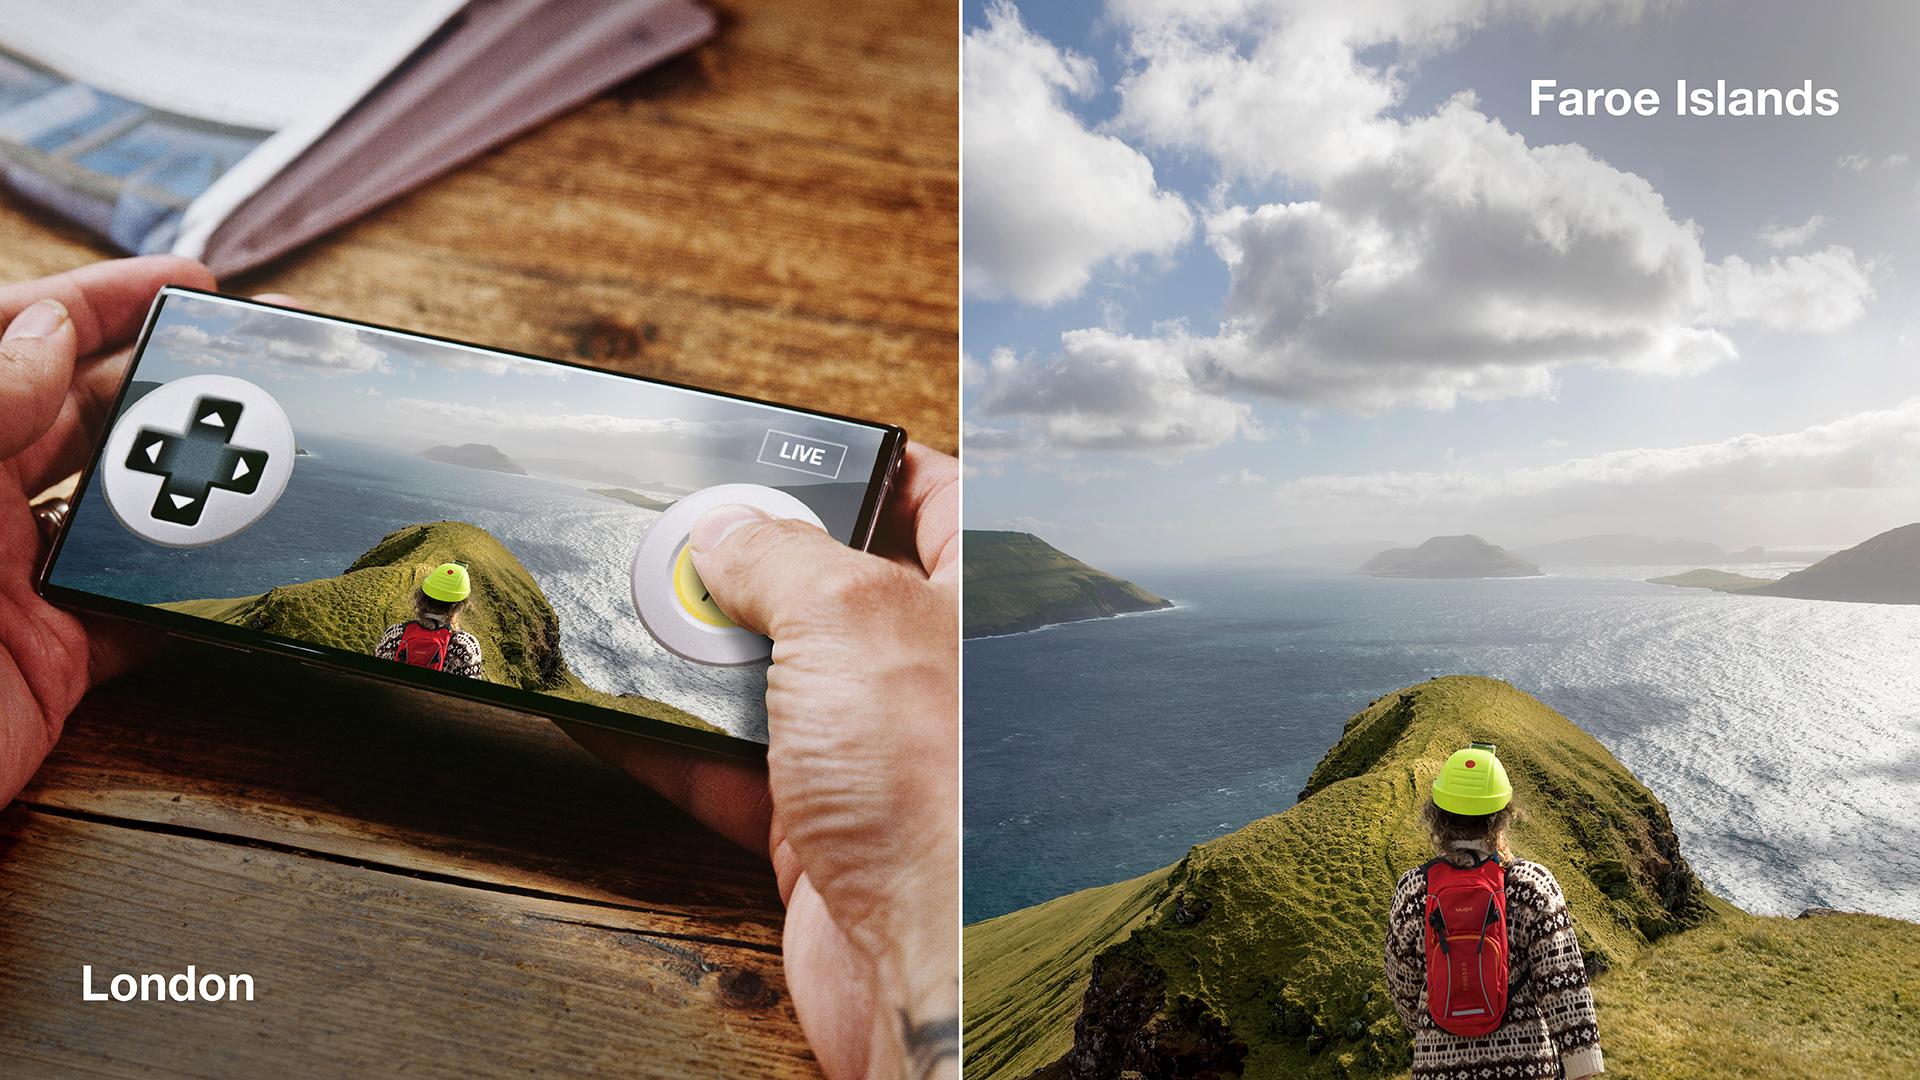 www.remote-tourism.com